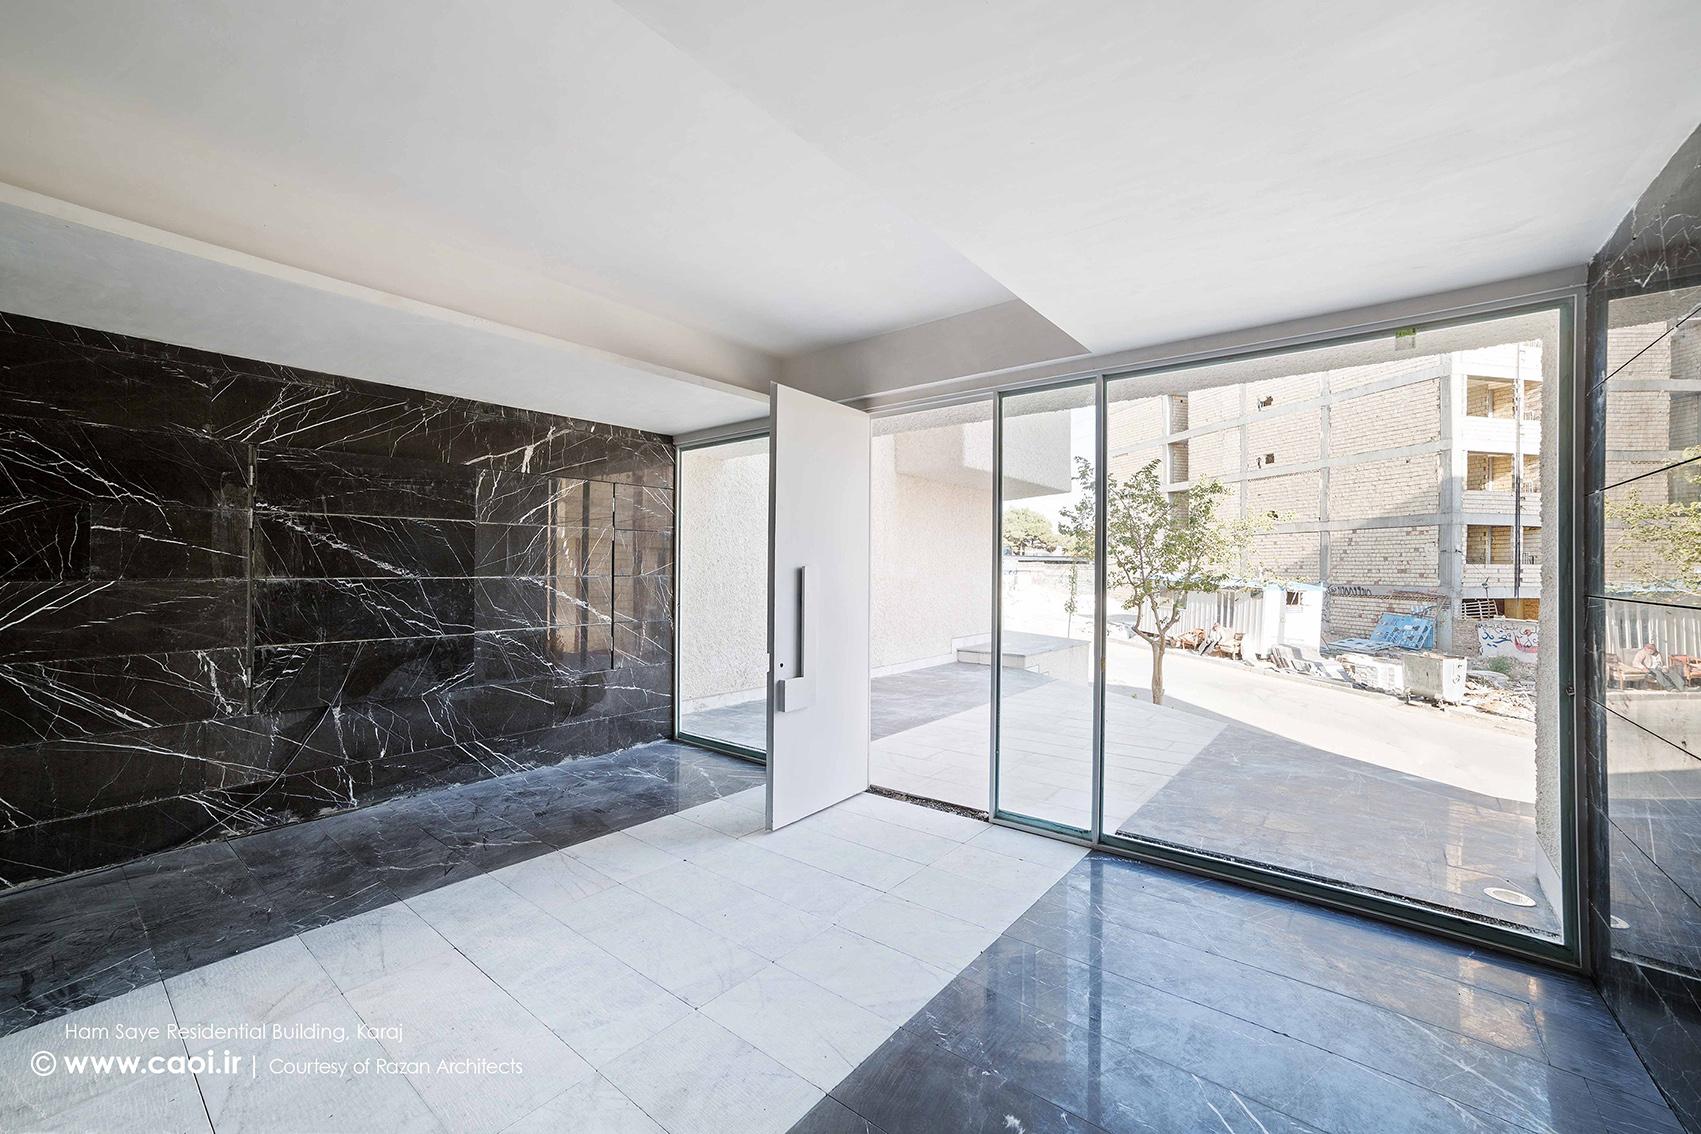 ورودی مجتمع مسکونی,نمای ساختمان مسکونی همسایه,نمای مجتمع مسکونی,طراحی نمای مجتمع مسکونی